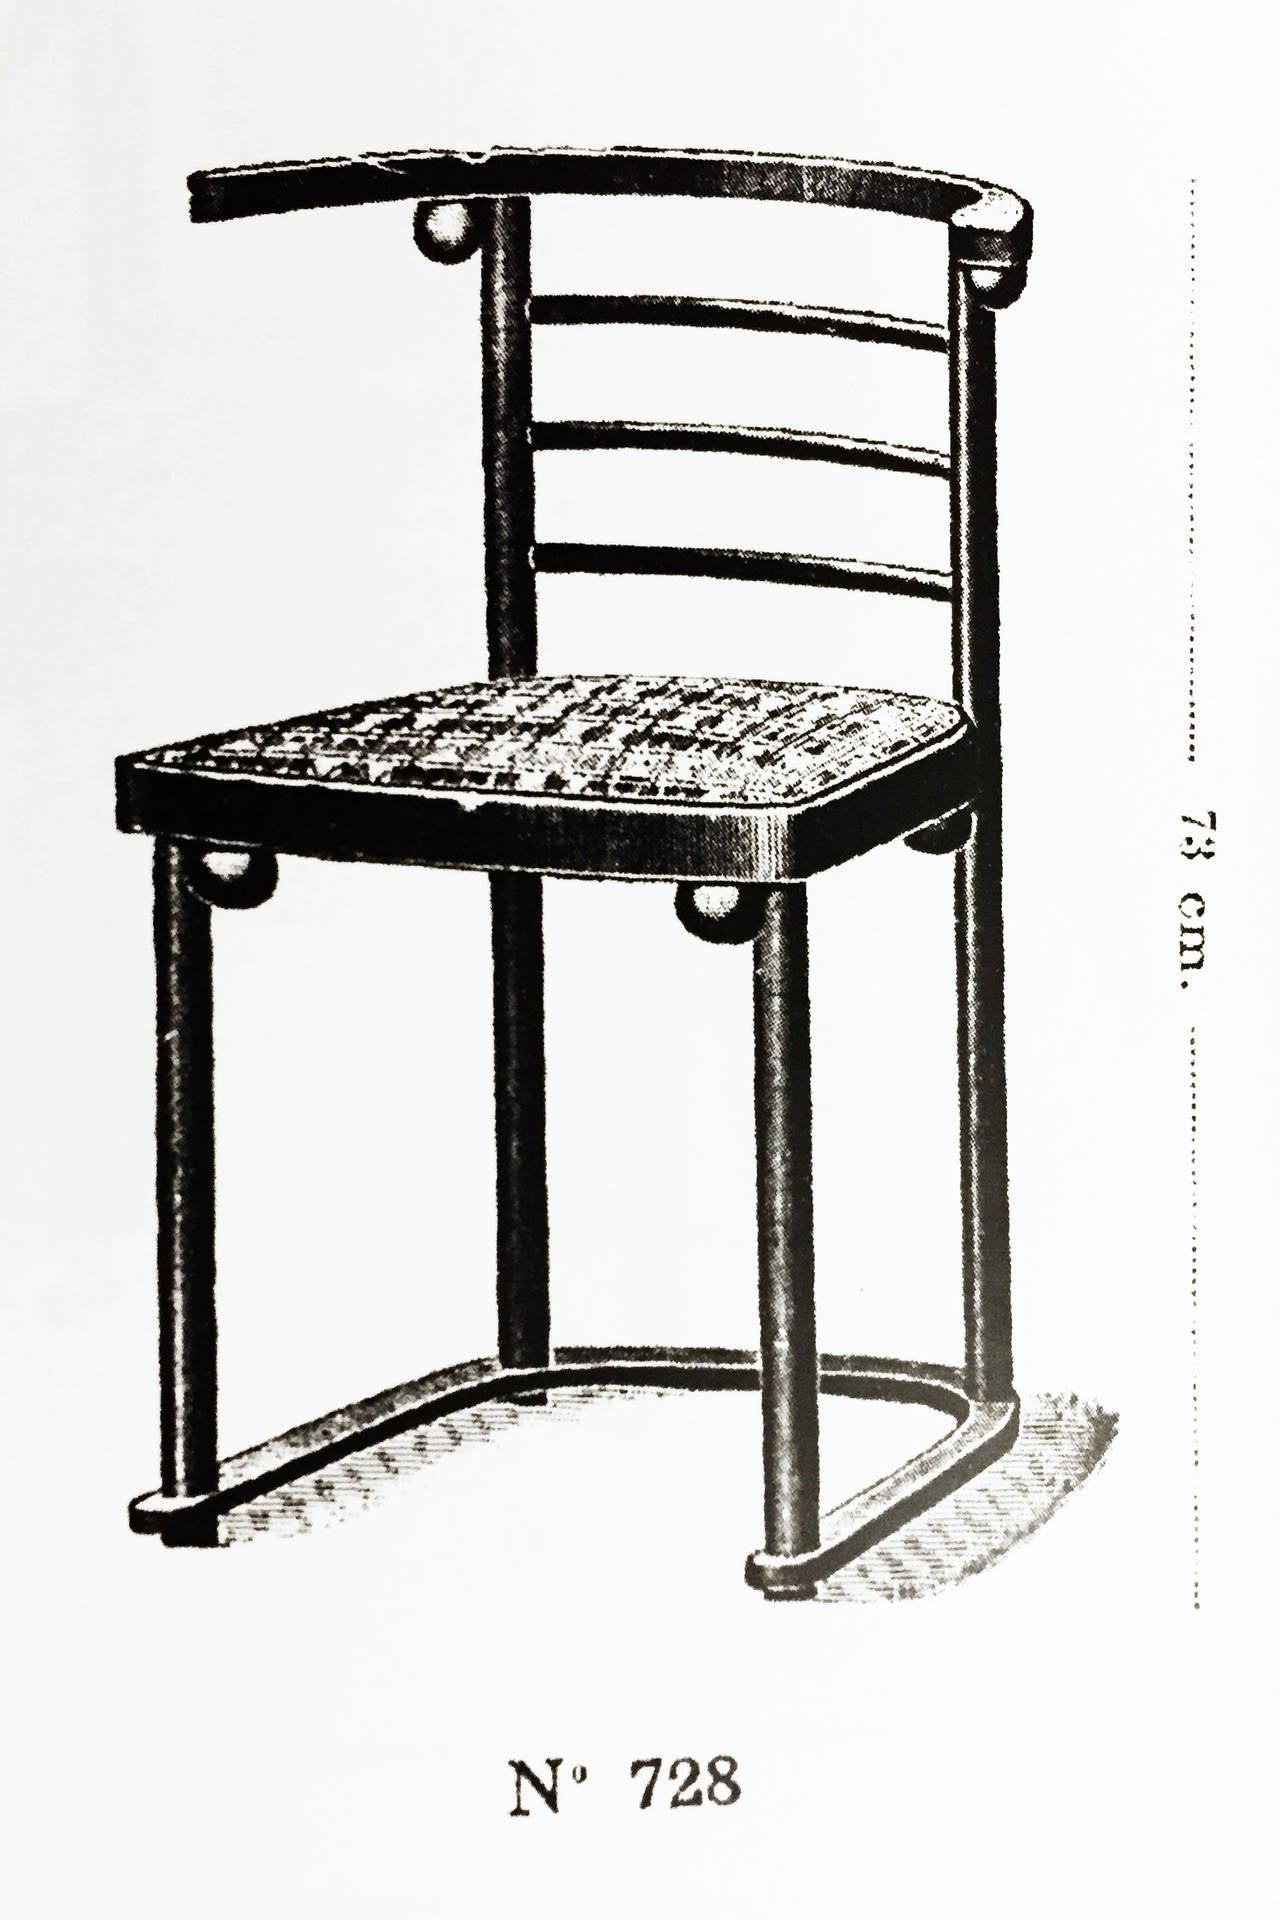 Kohn Chair Model No. 728